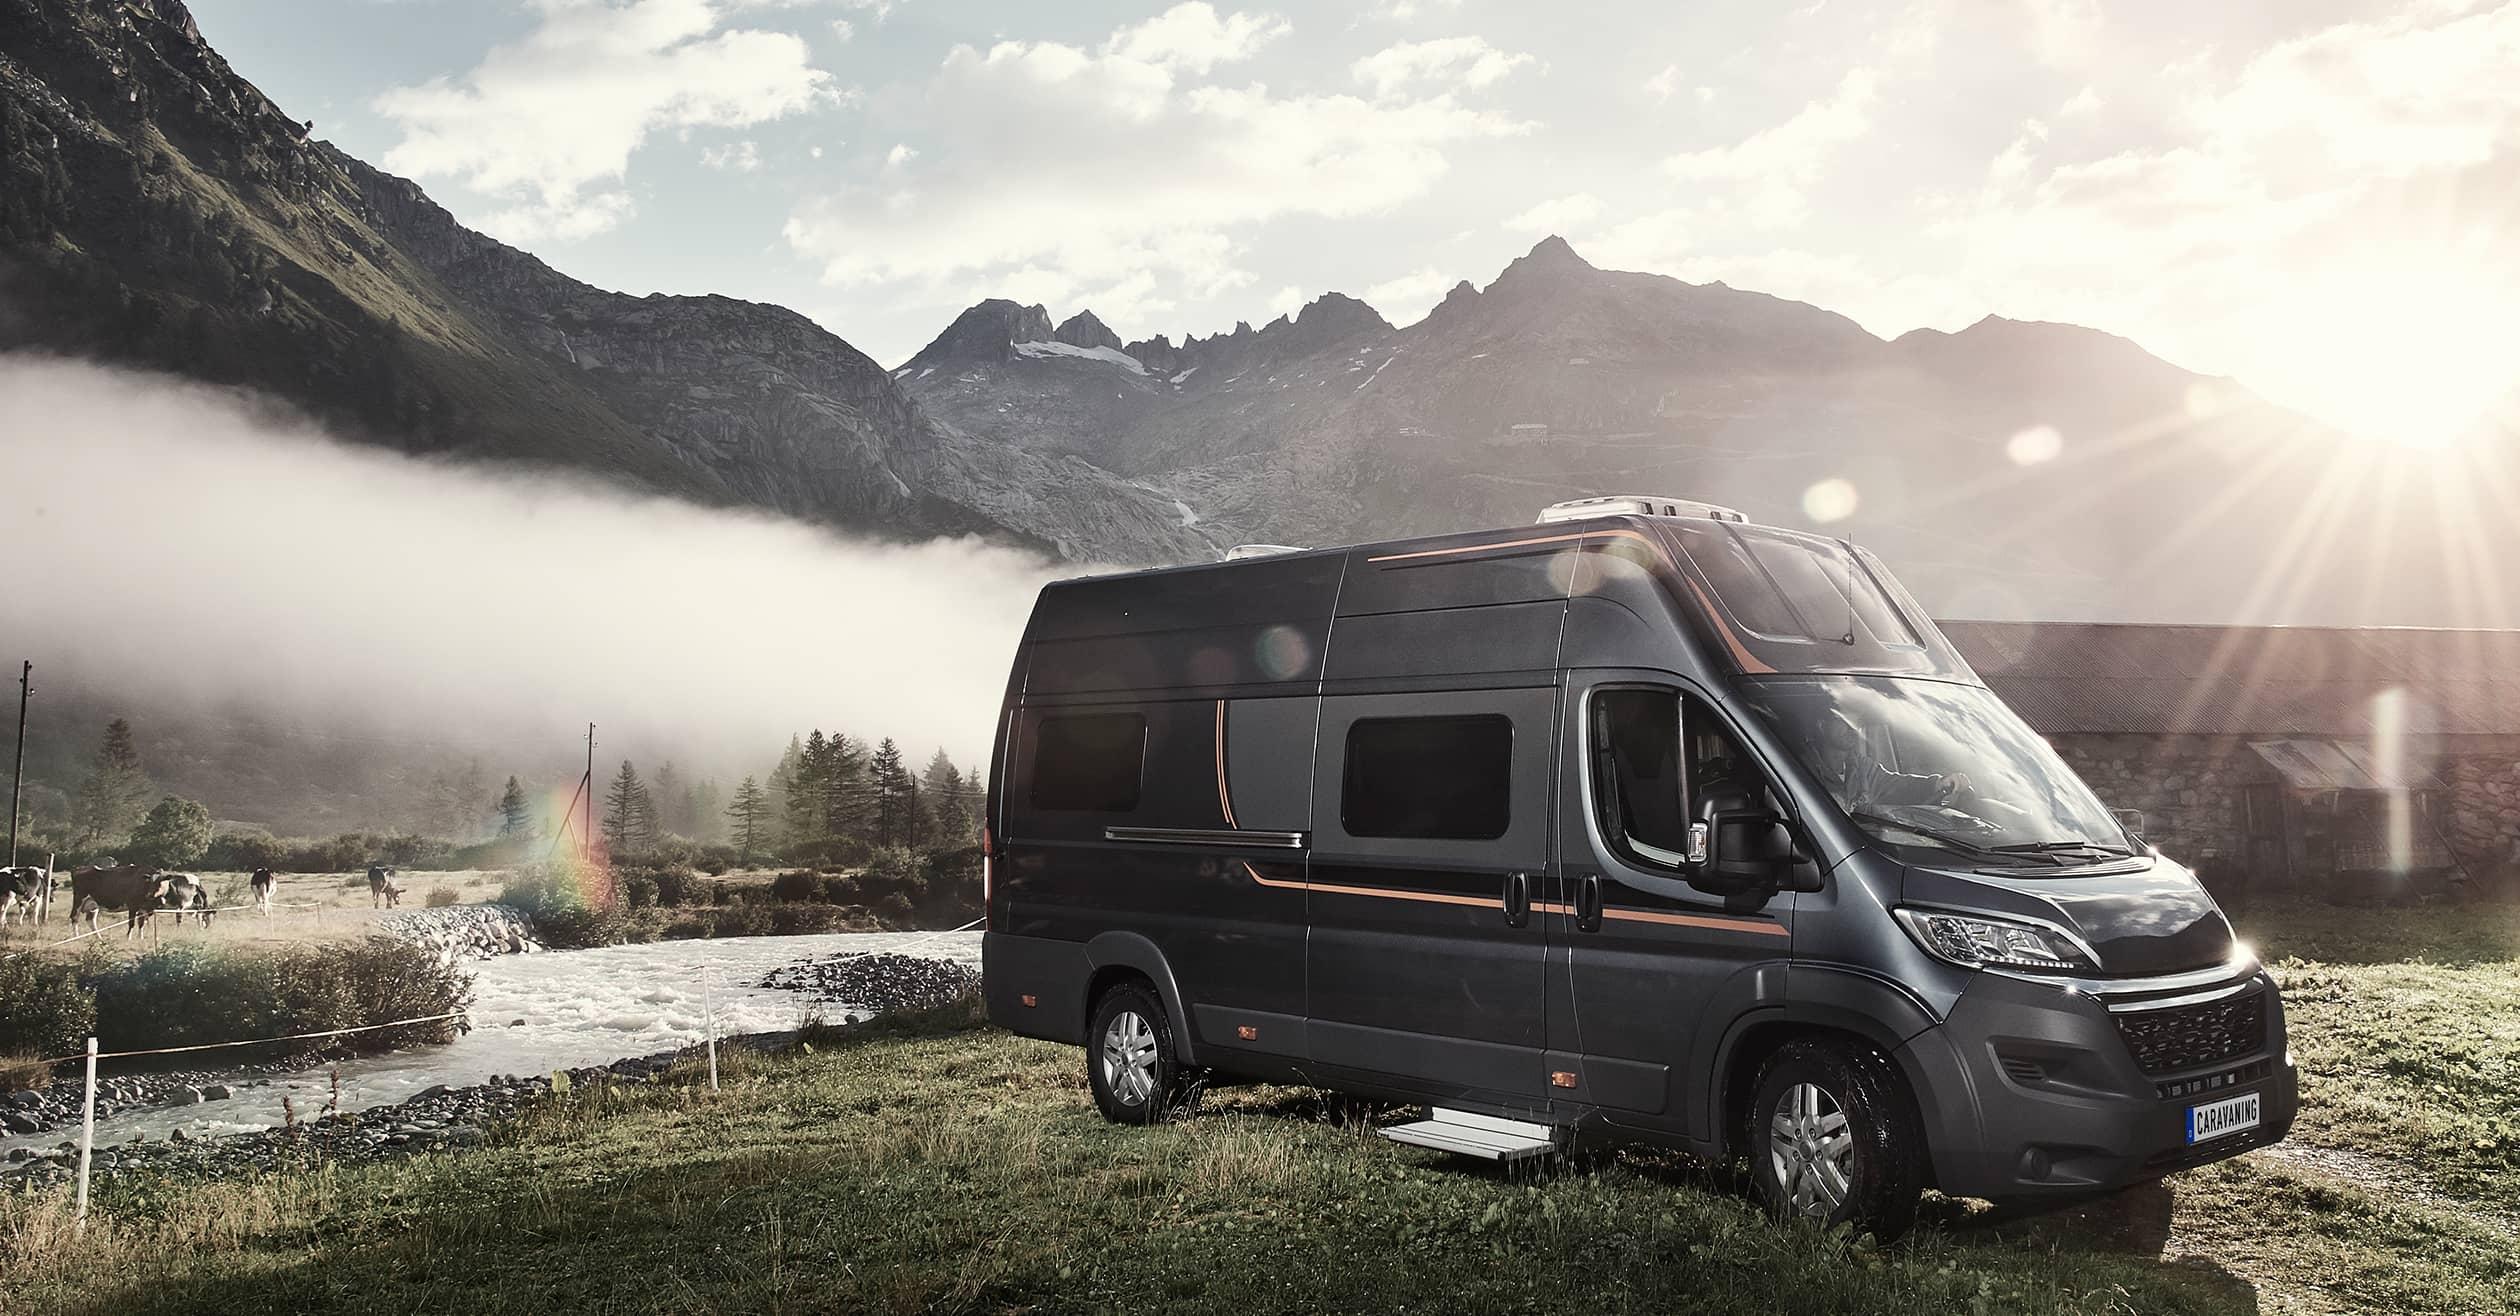 kastenwagen mit bad caravaning. Black Bedroom Furniture Sets. Home Design Ideas